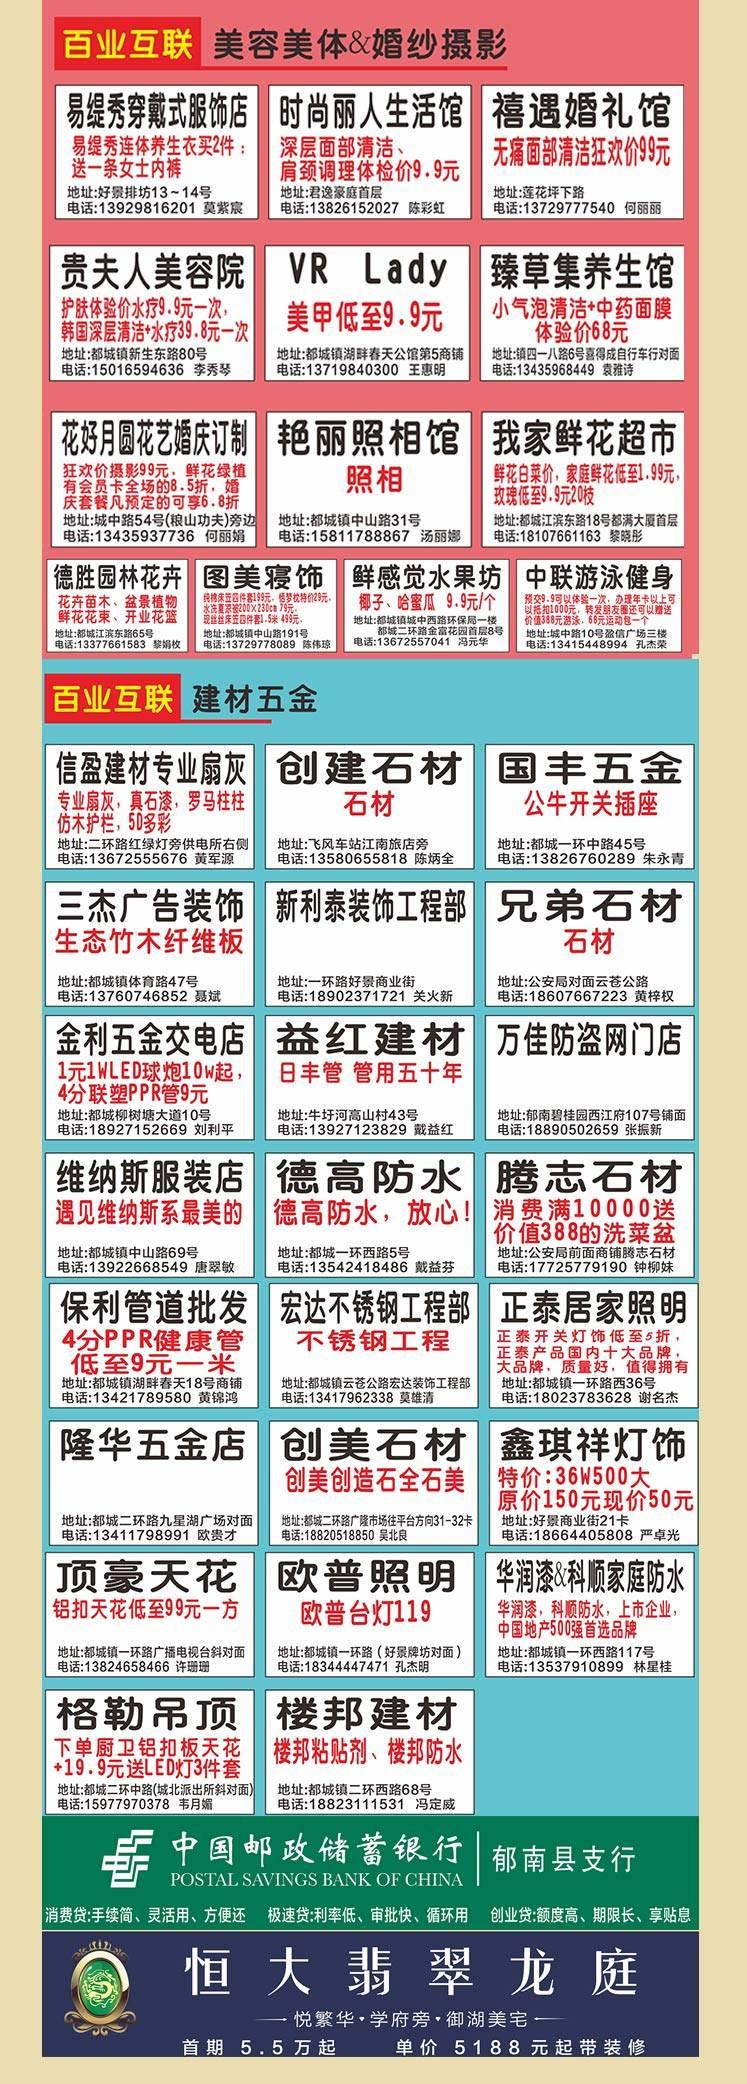 """首届郁南""""百业互联,跨界狂欢节"""",吃喝玩乐购物9.9元起。"""